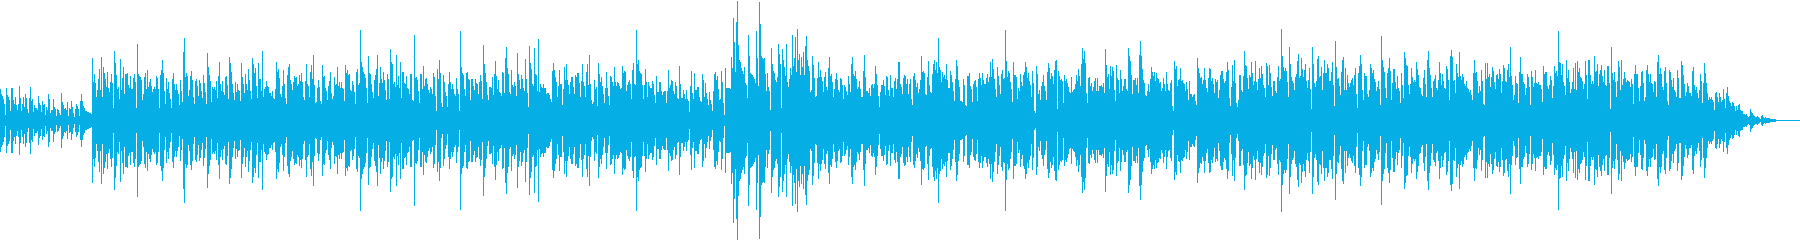 イージーリスニングライトジャズイン...の再生済みの波形